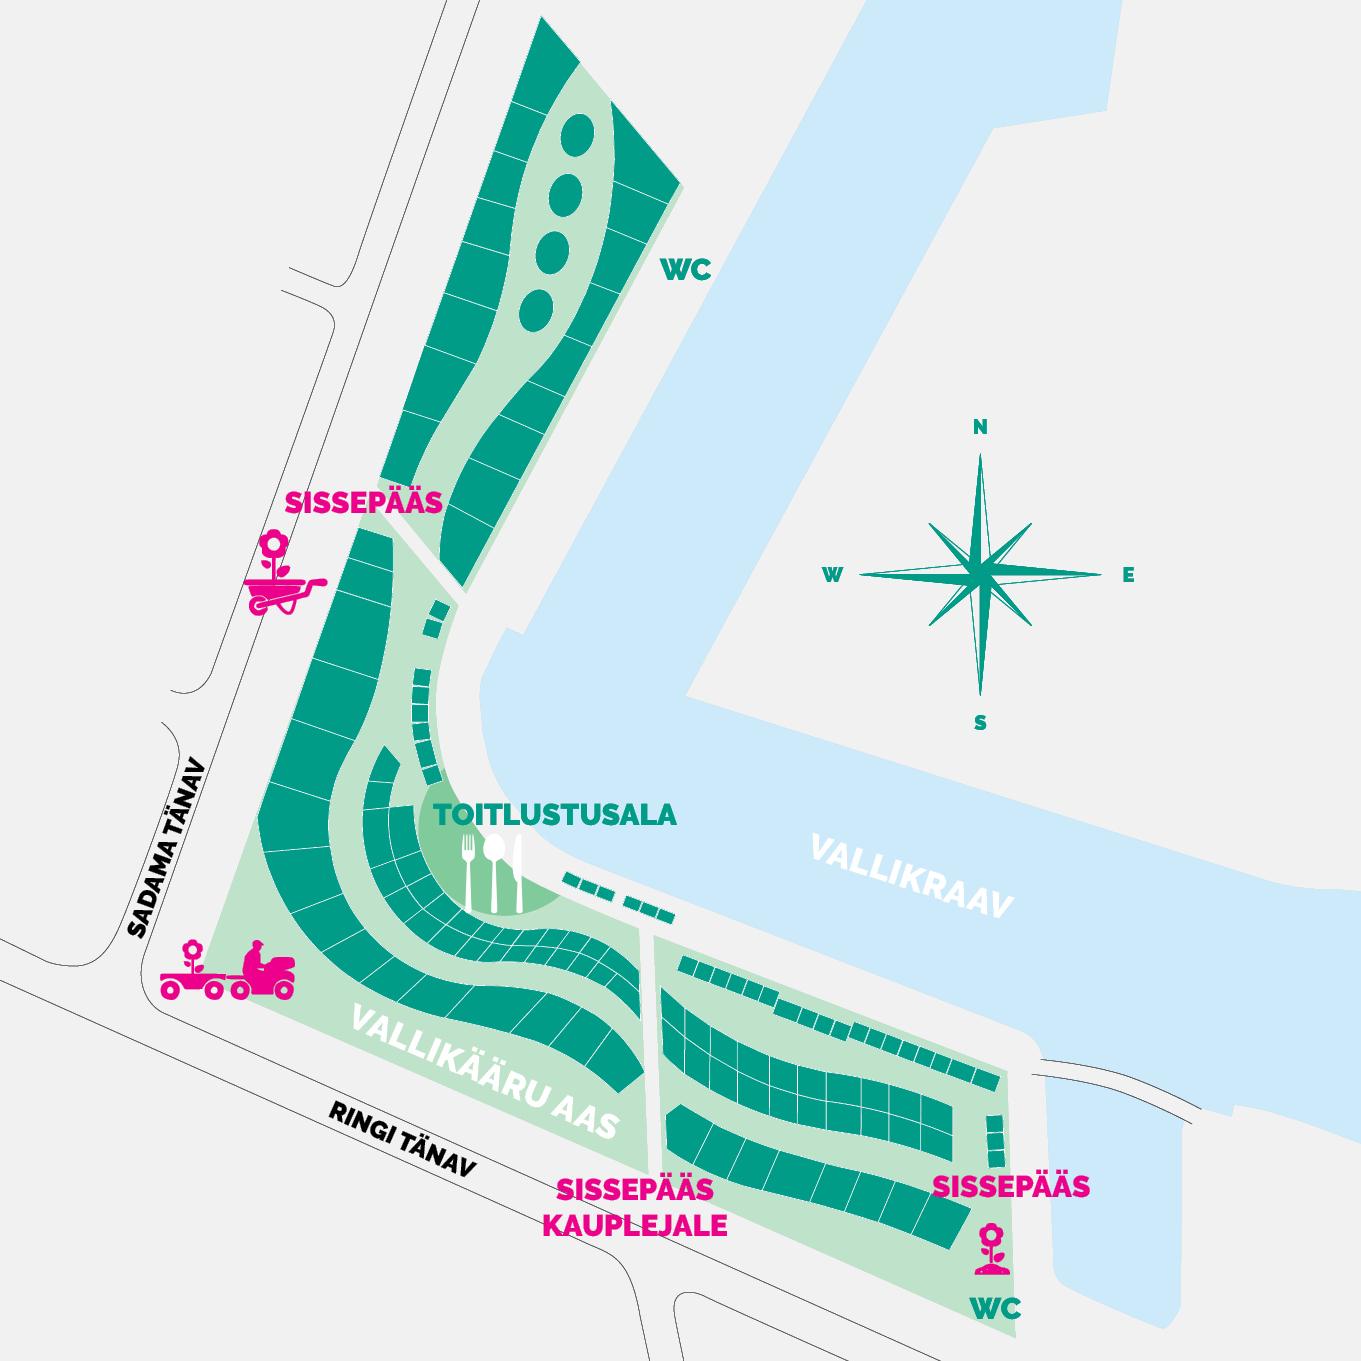 Pärnu Taimelaat Vallikääru aasal, kaart